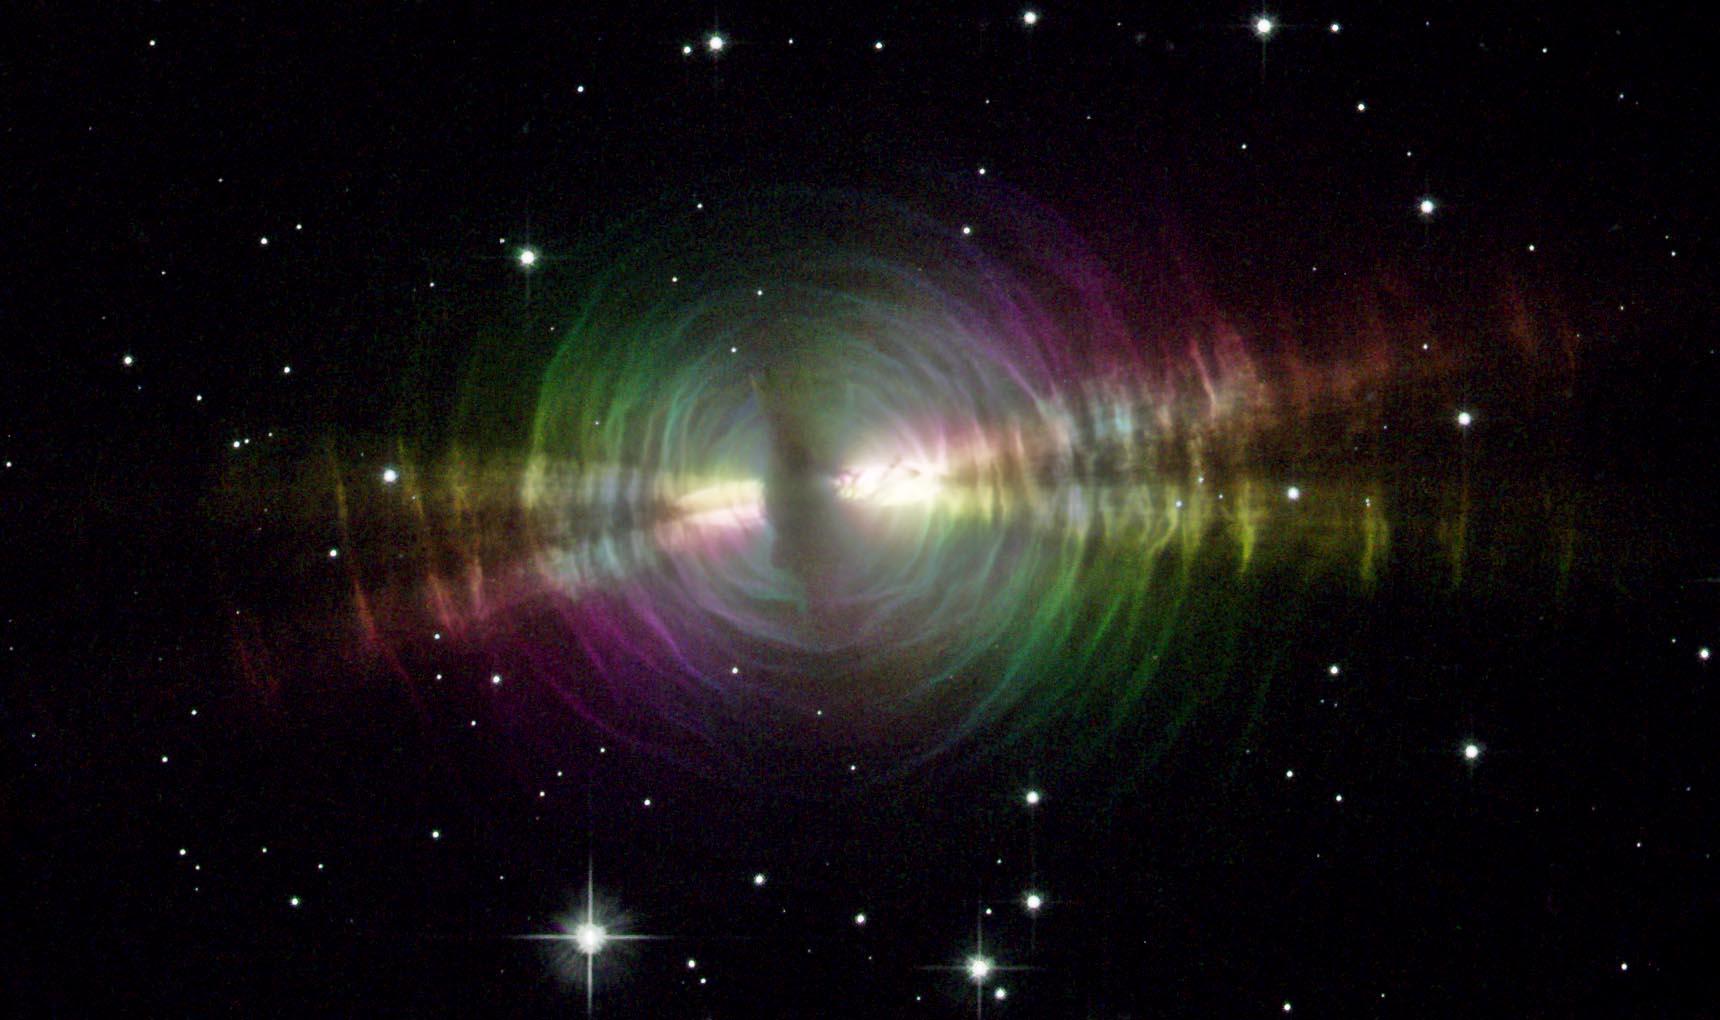 protoplanetary nebula - photo #24